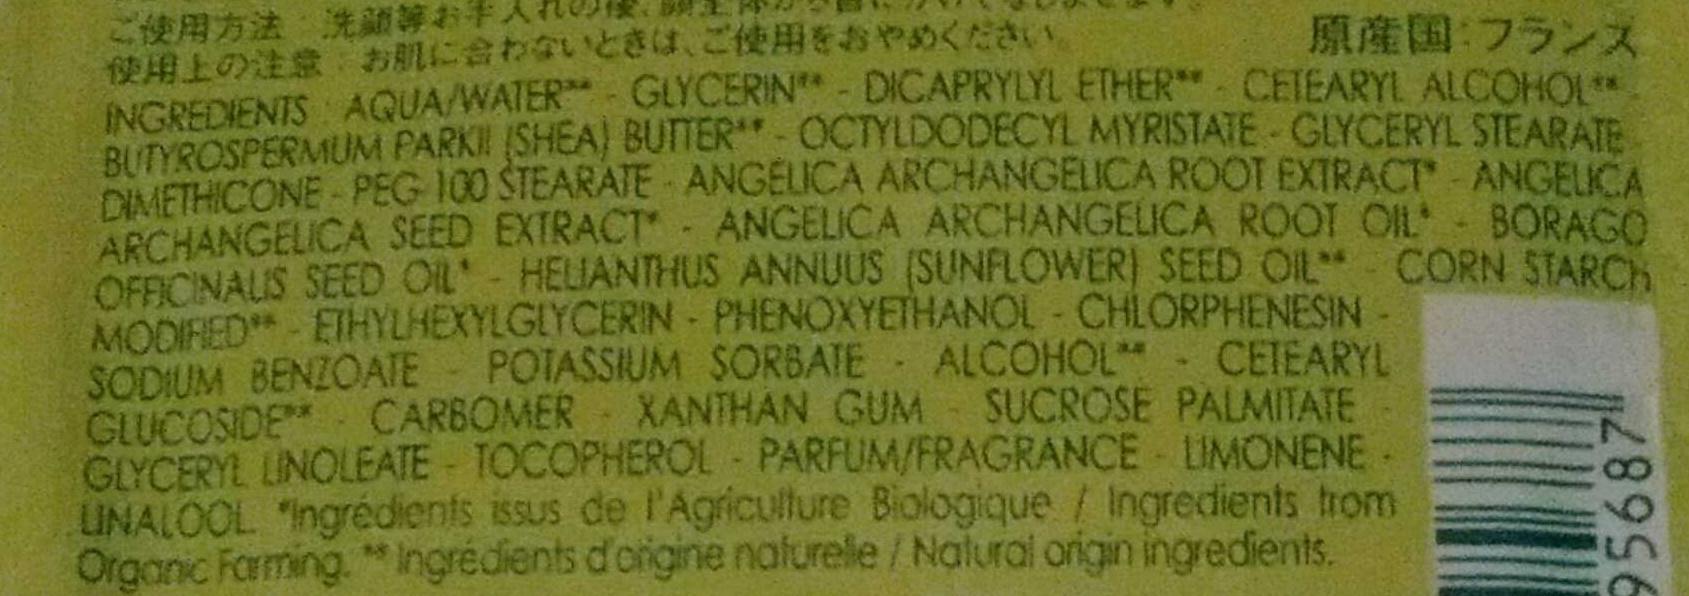 Crème radieuse à l'huile essentielle et eau d'angélique bio - Ingredients - fr